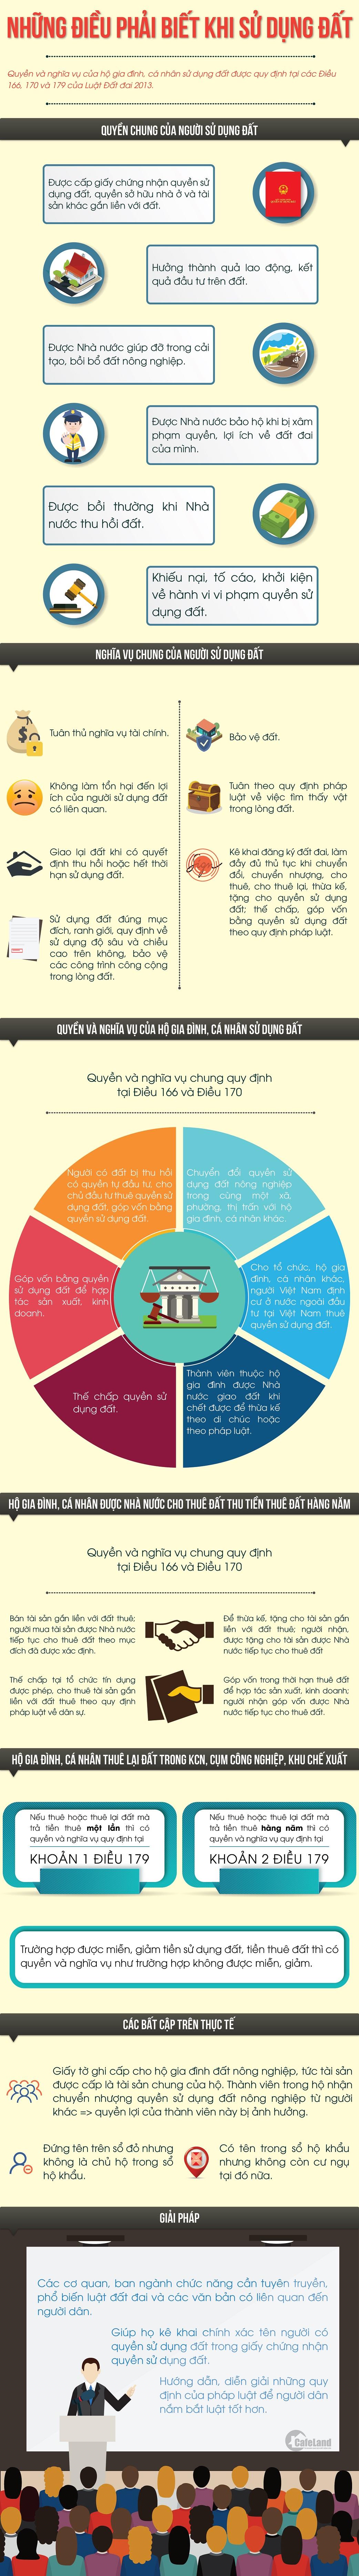 Infographic: Những điều phải biết khi sử dụng đất